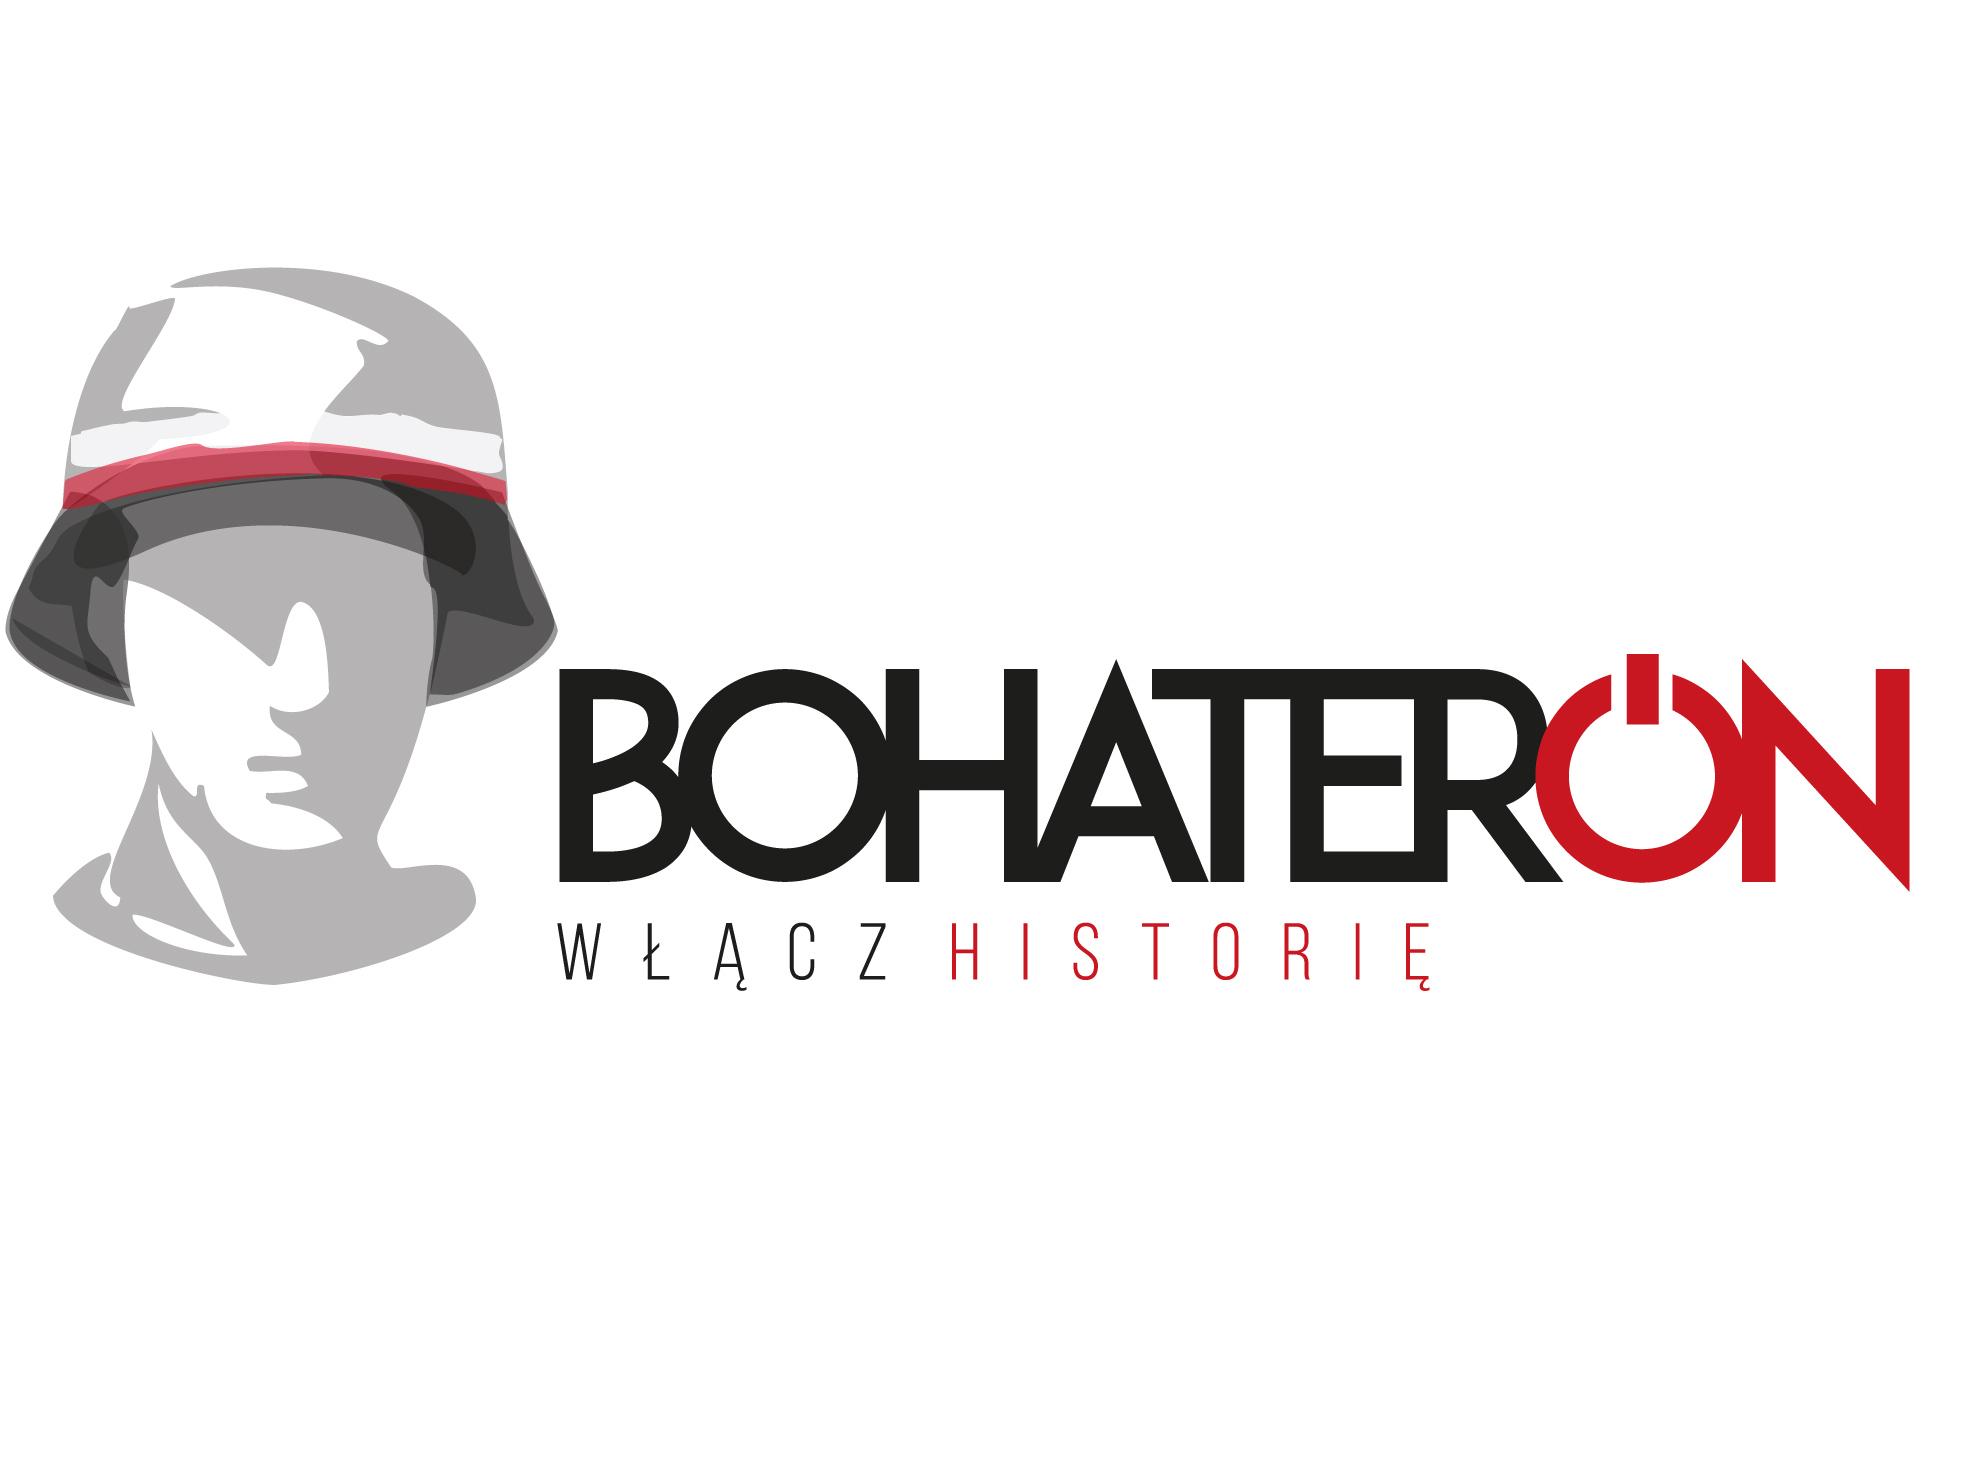 bohaterON